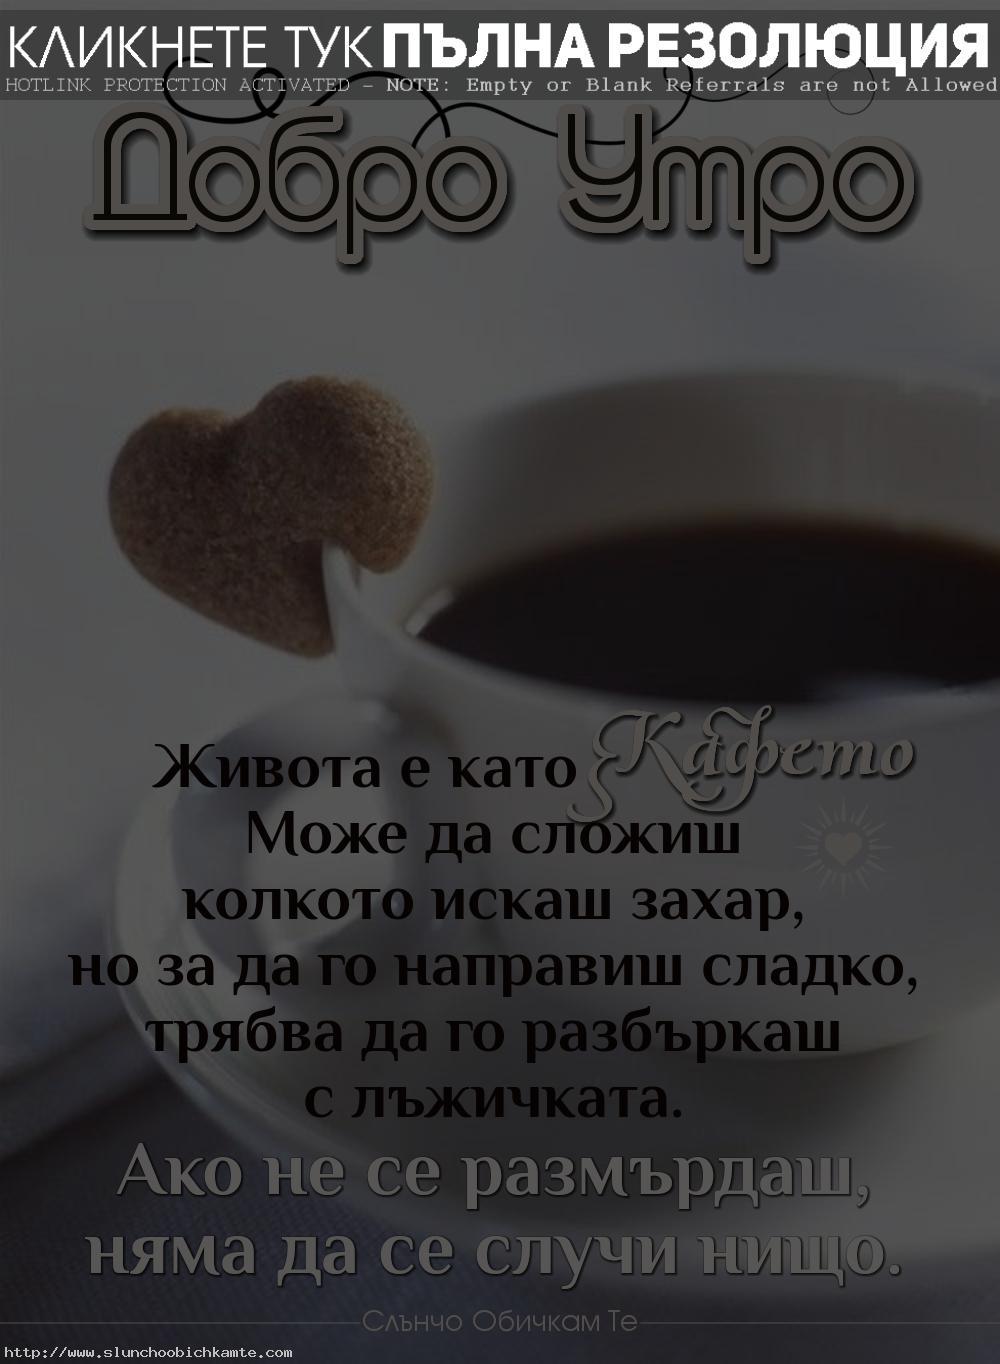 Добро утро! Живота е като кафето. Може да сложиш колкото искаш захар, но за да го направиш сладко, трябва да го разбъркаш с лъжичката. Ако не се размърдаш, няма да се случи нищо. - Пожелания за добро утро, картички за добро утро, добро утро с кафе и бисквитка, горчиво кафе, сладко кафе, кафе със захар, кафе с мисъл, кафе със статус, кафе с цитат